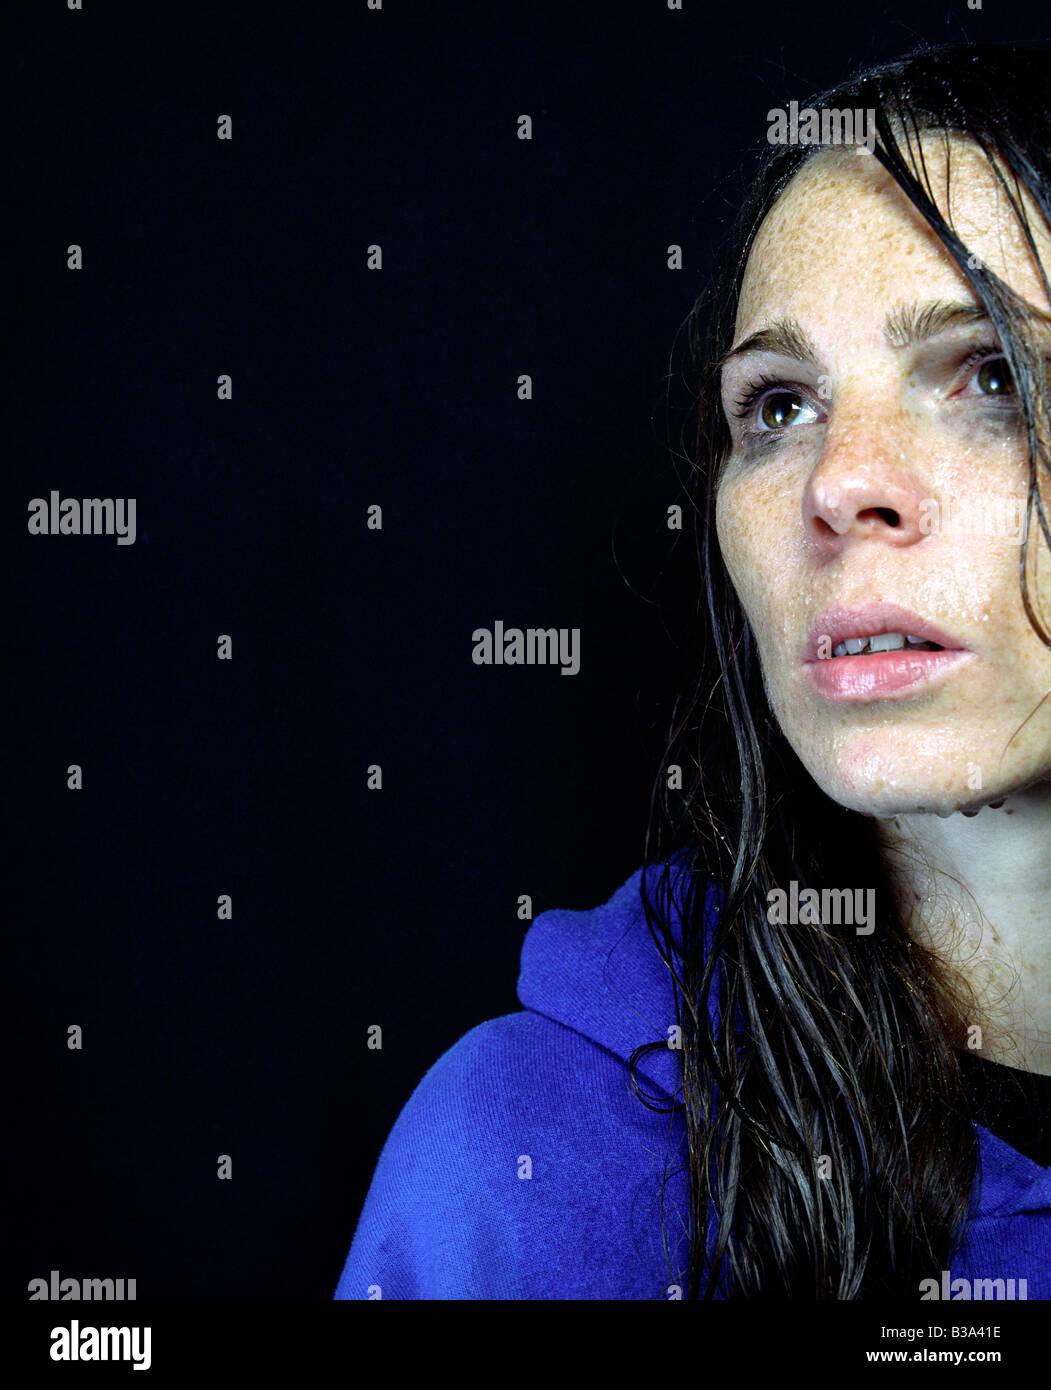 Porträt einer Frau mit einem nassen Gesicht Stockbild